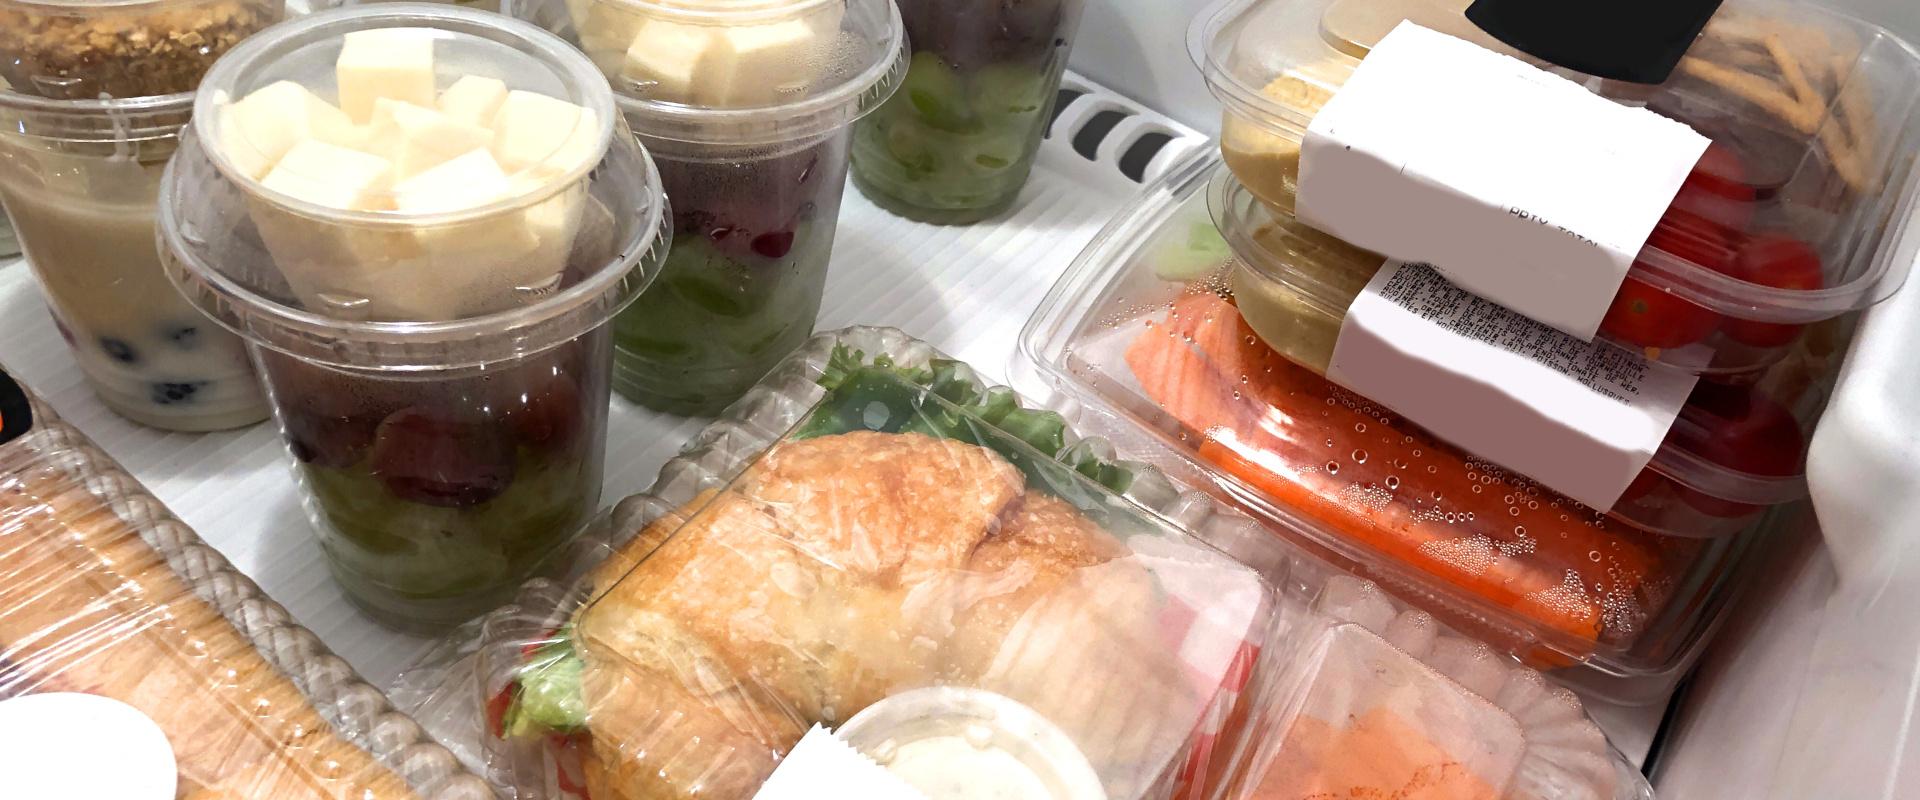 előre csomagolt ételek cover